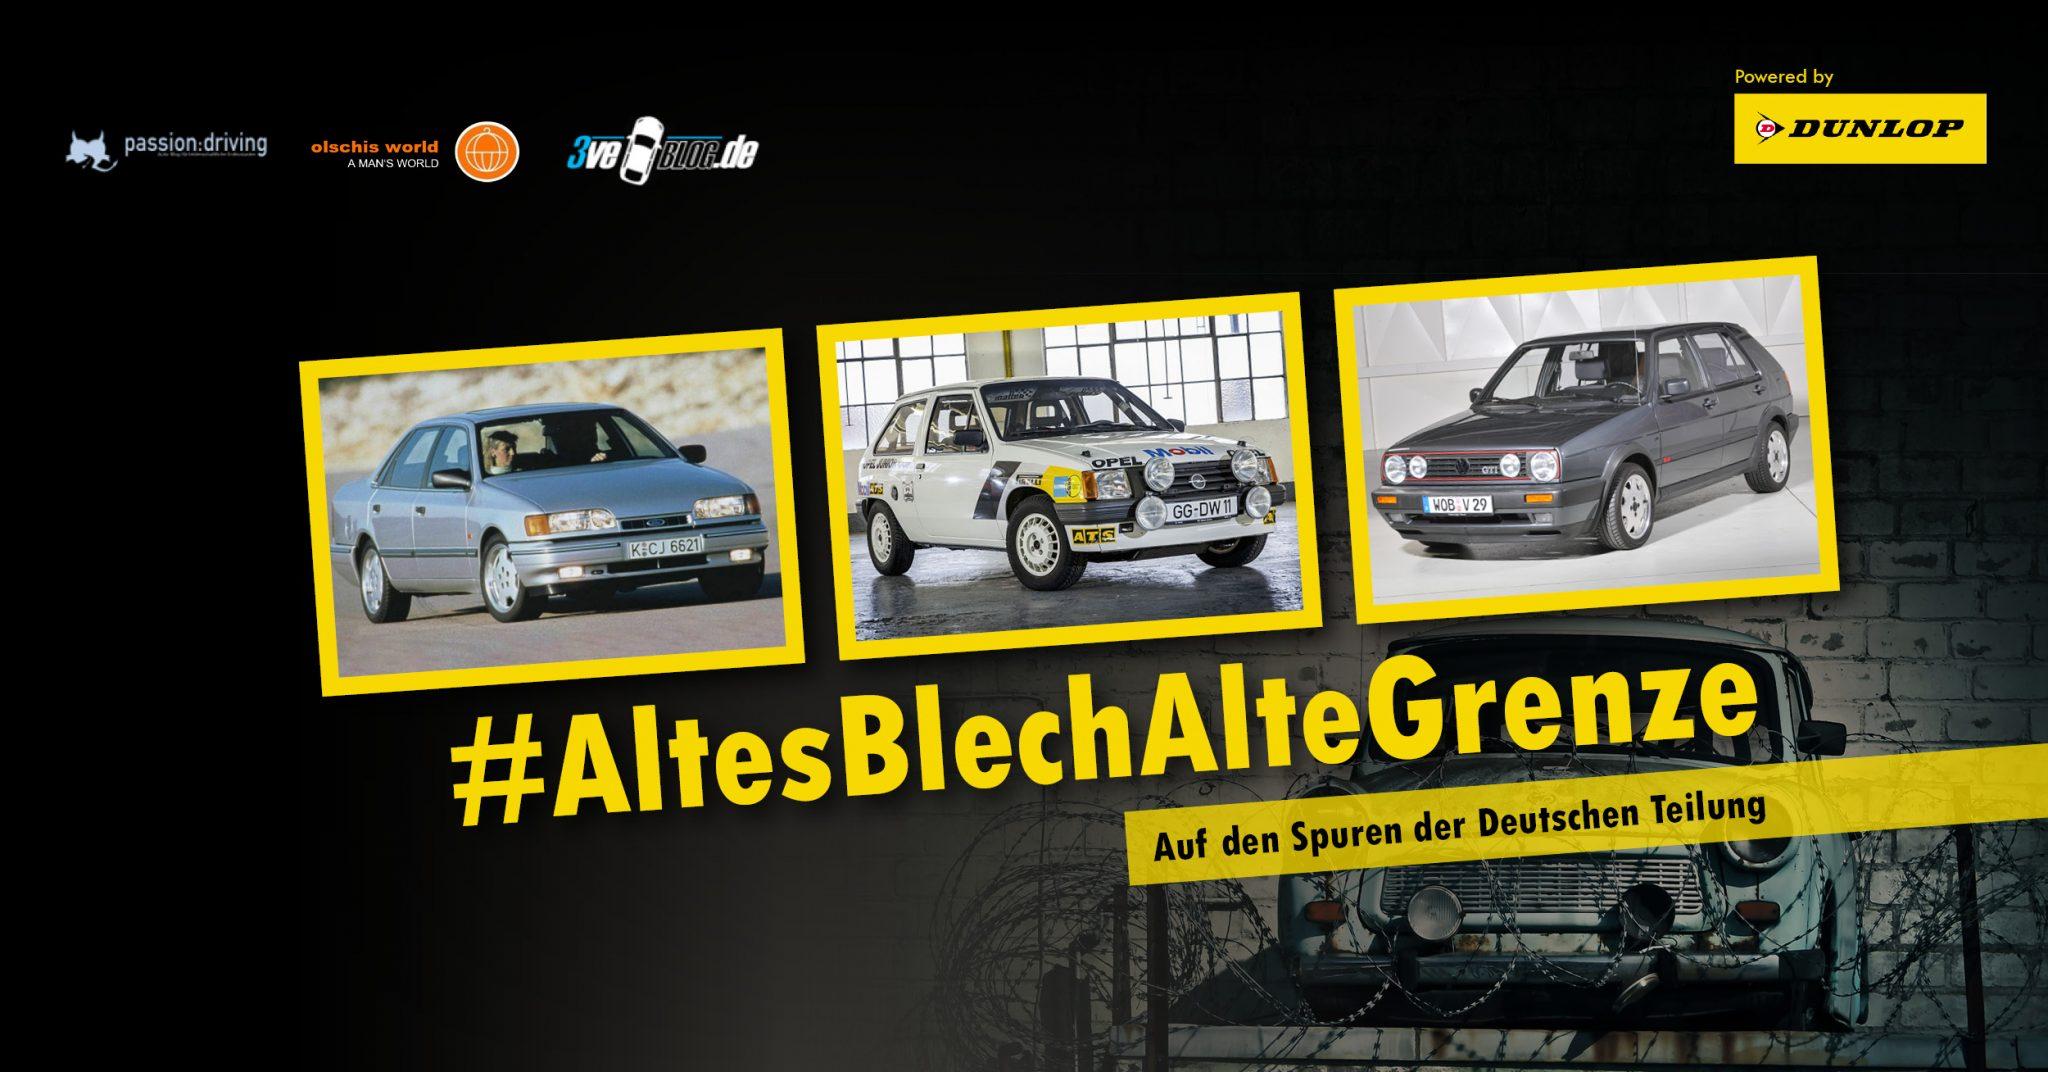 Roadtrip #altesBlechAlteGrenze - Mit Youngtimern auf den Spuren der Deutschen Teilung